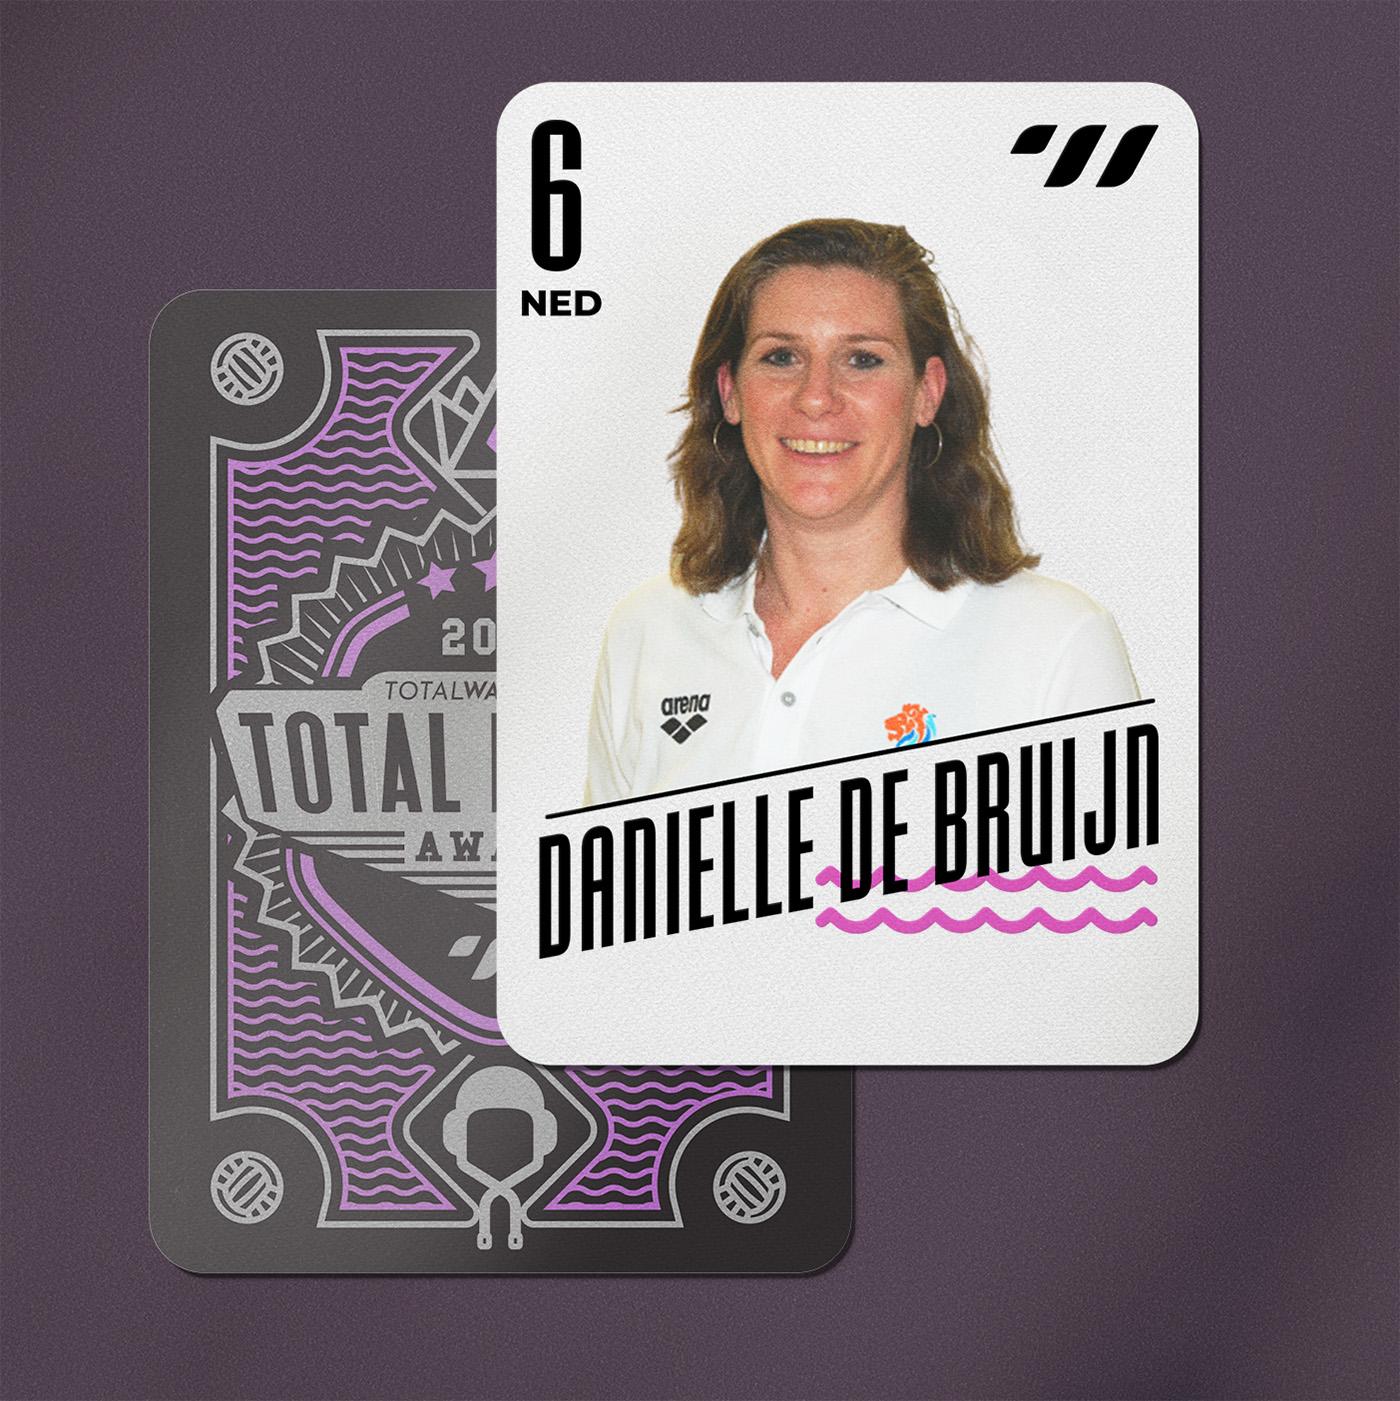 RIGHT SIDE - Danielle de Bruijn (NED)